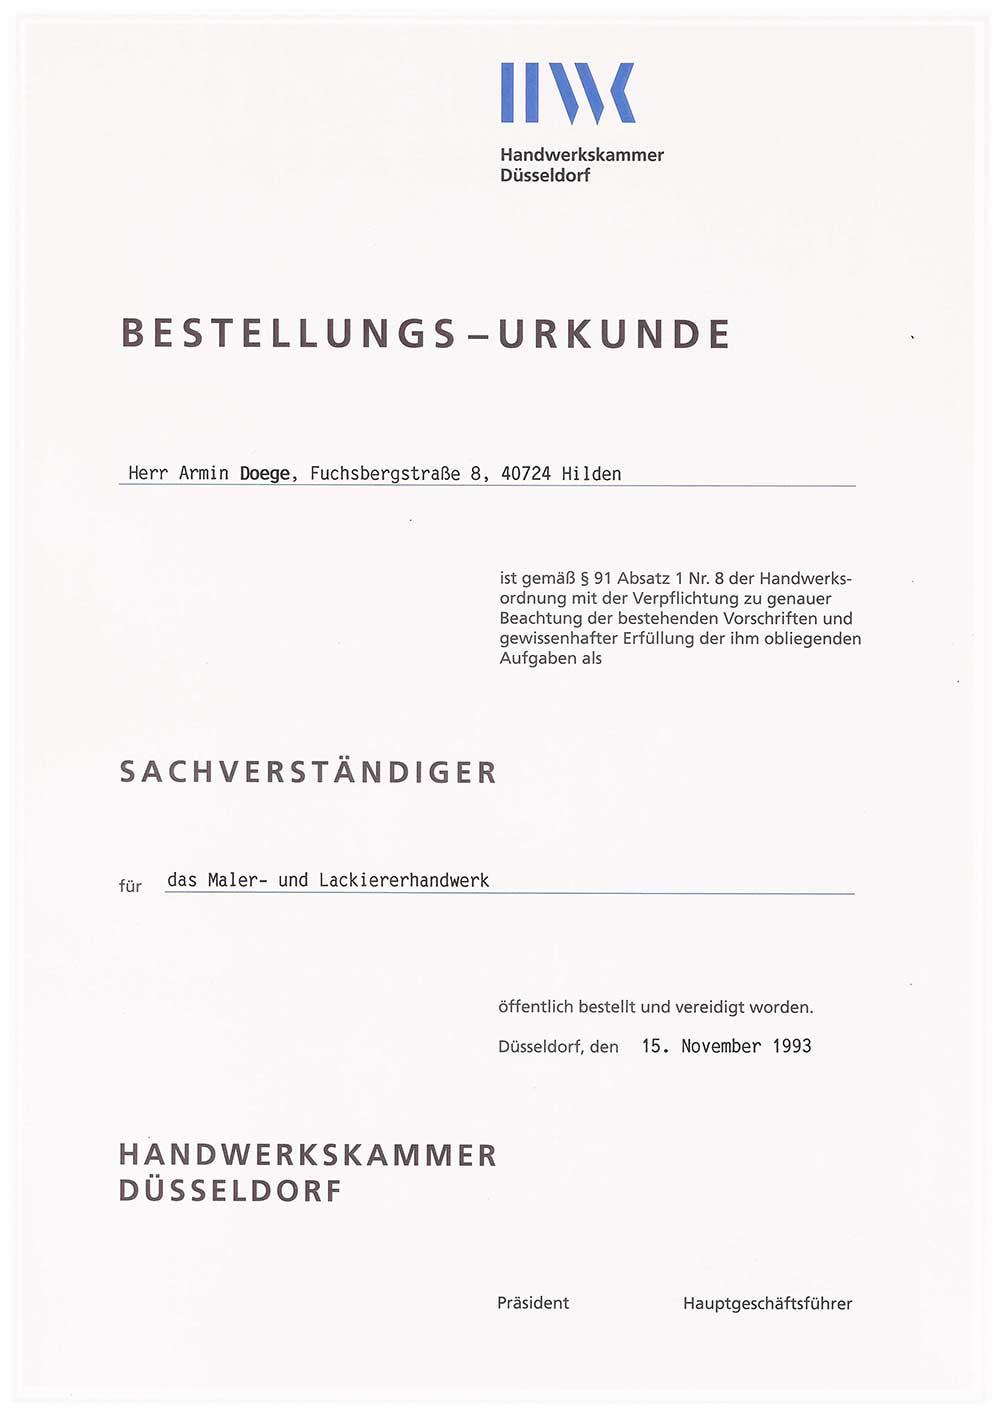 Urkunde sachverständiger